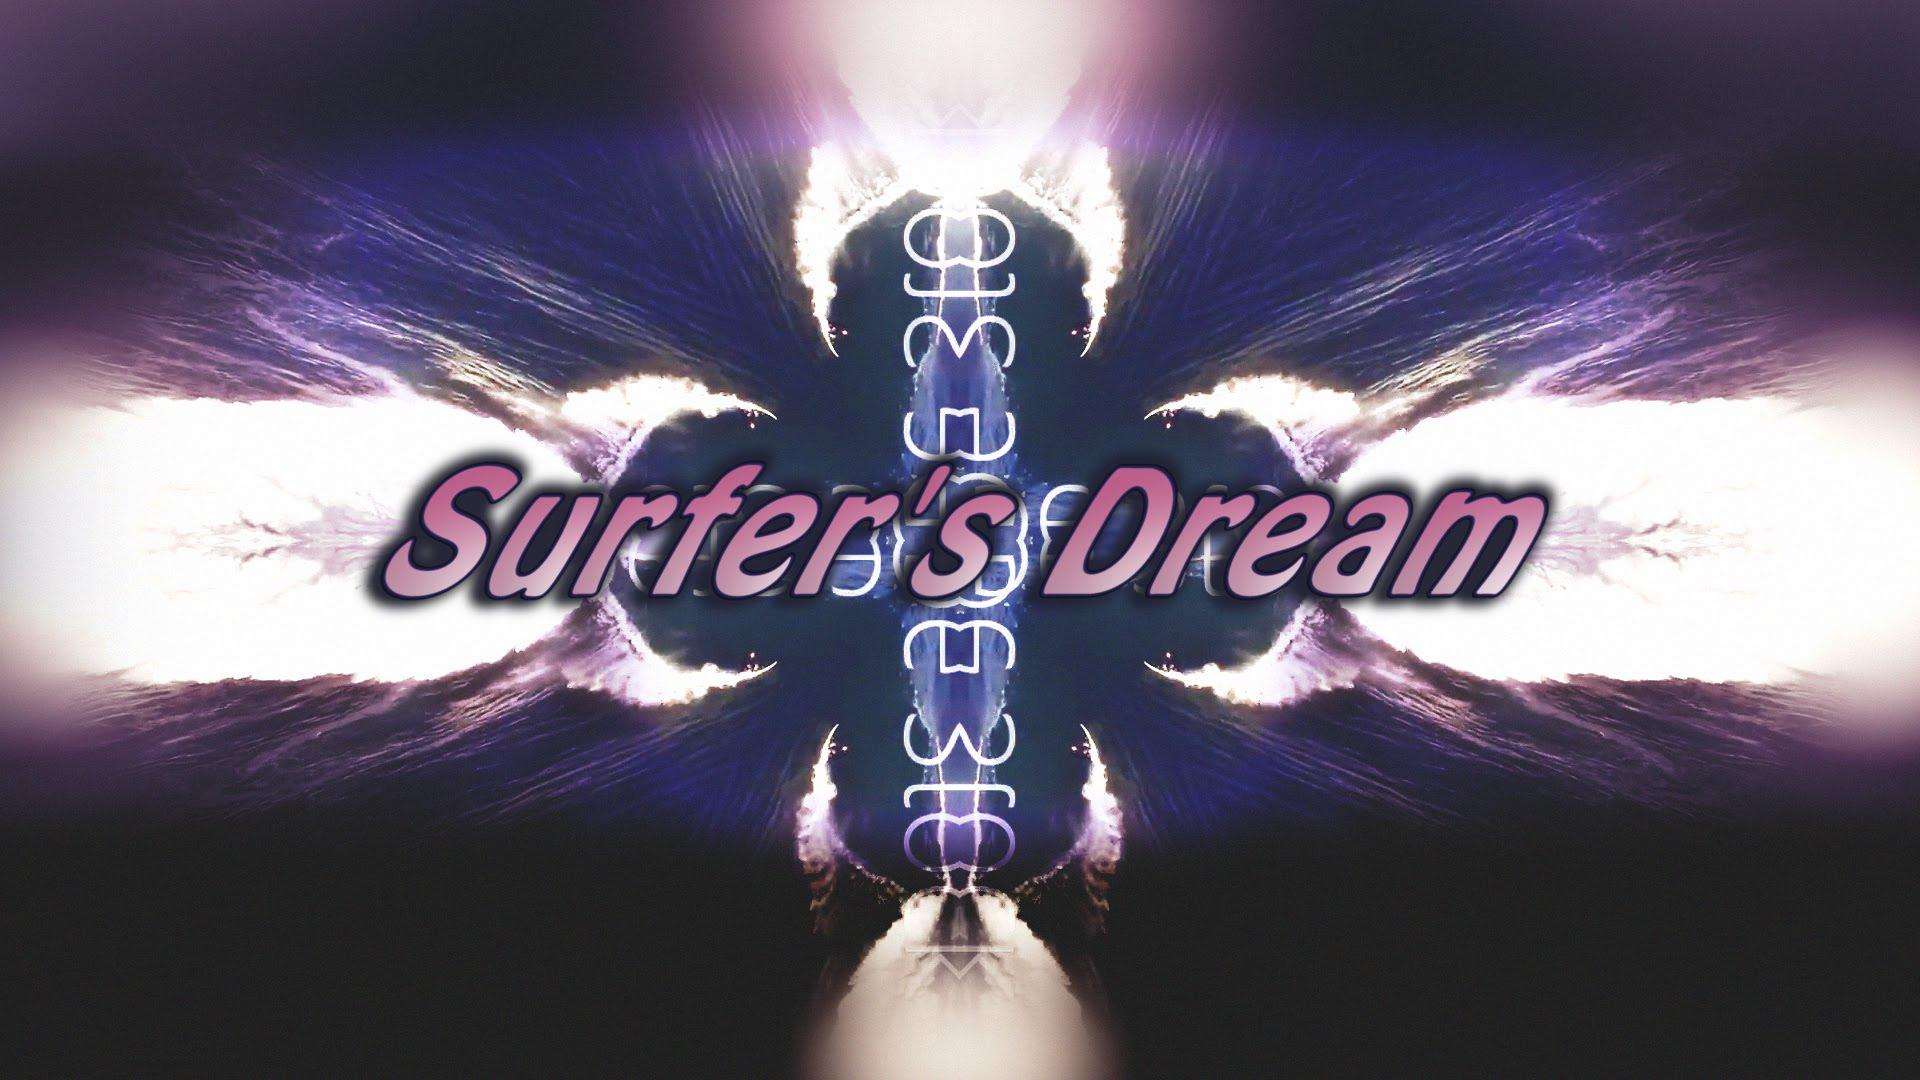 stockedit-surfers-dream-premiere-bro